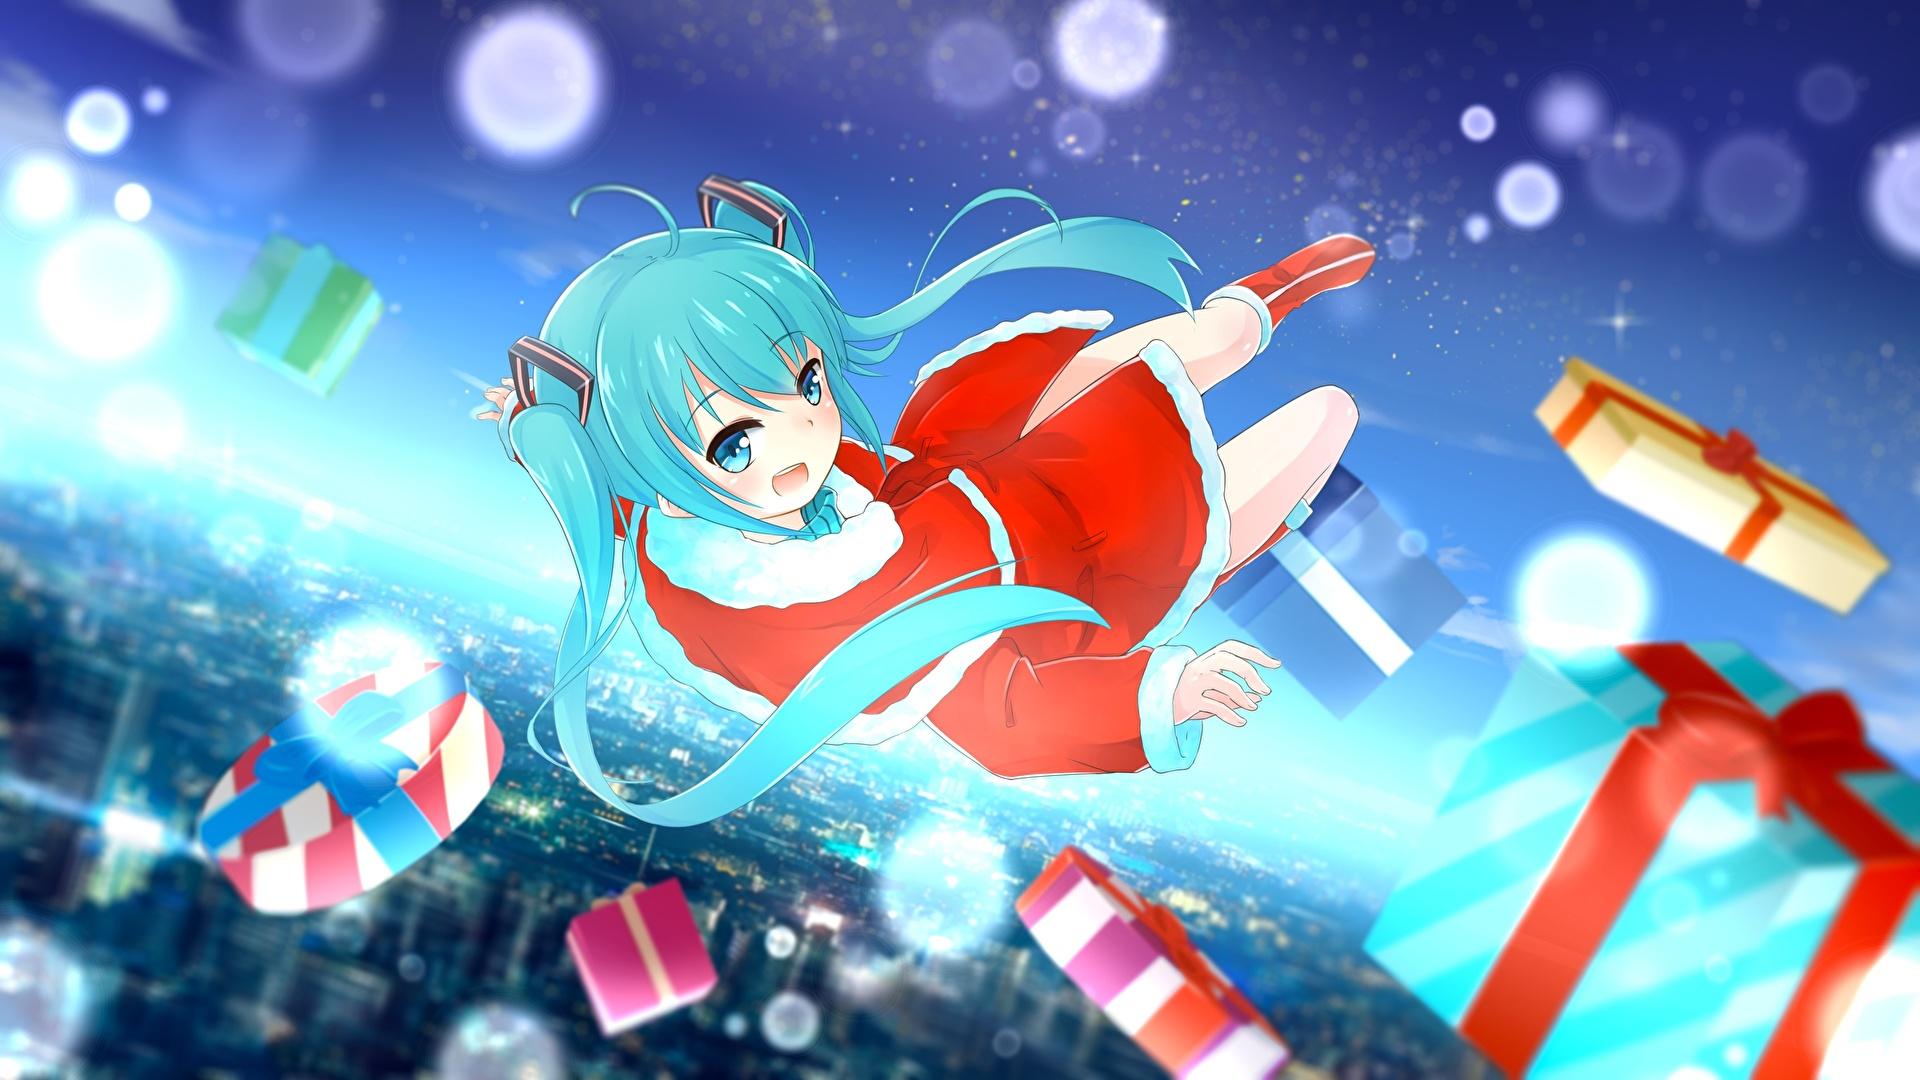 Девушка-аниме и подарки